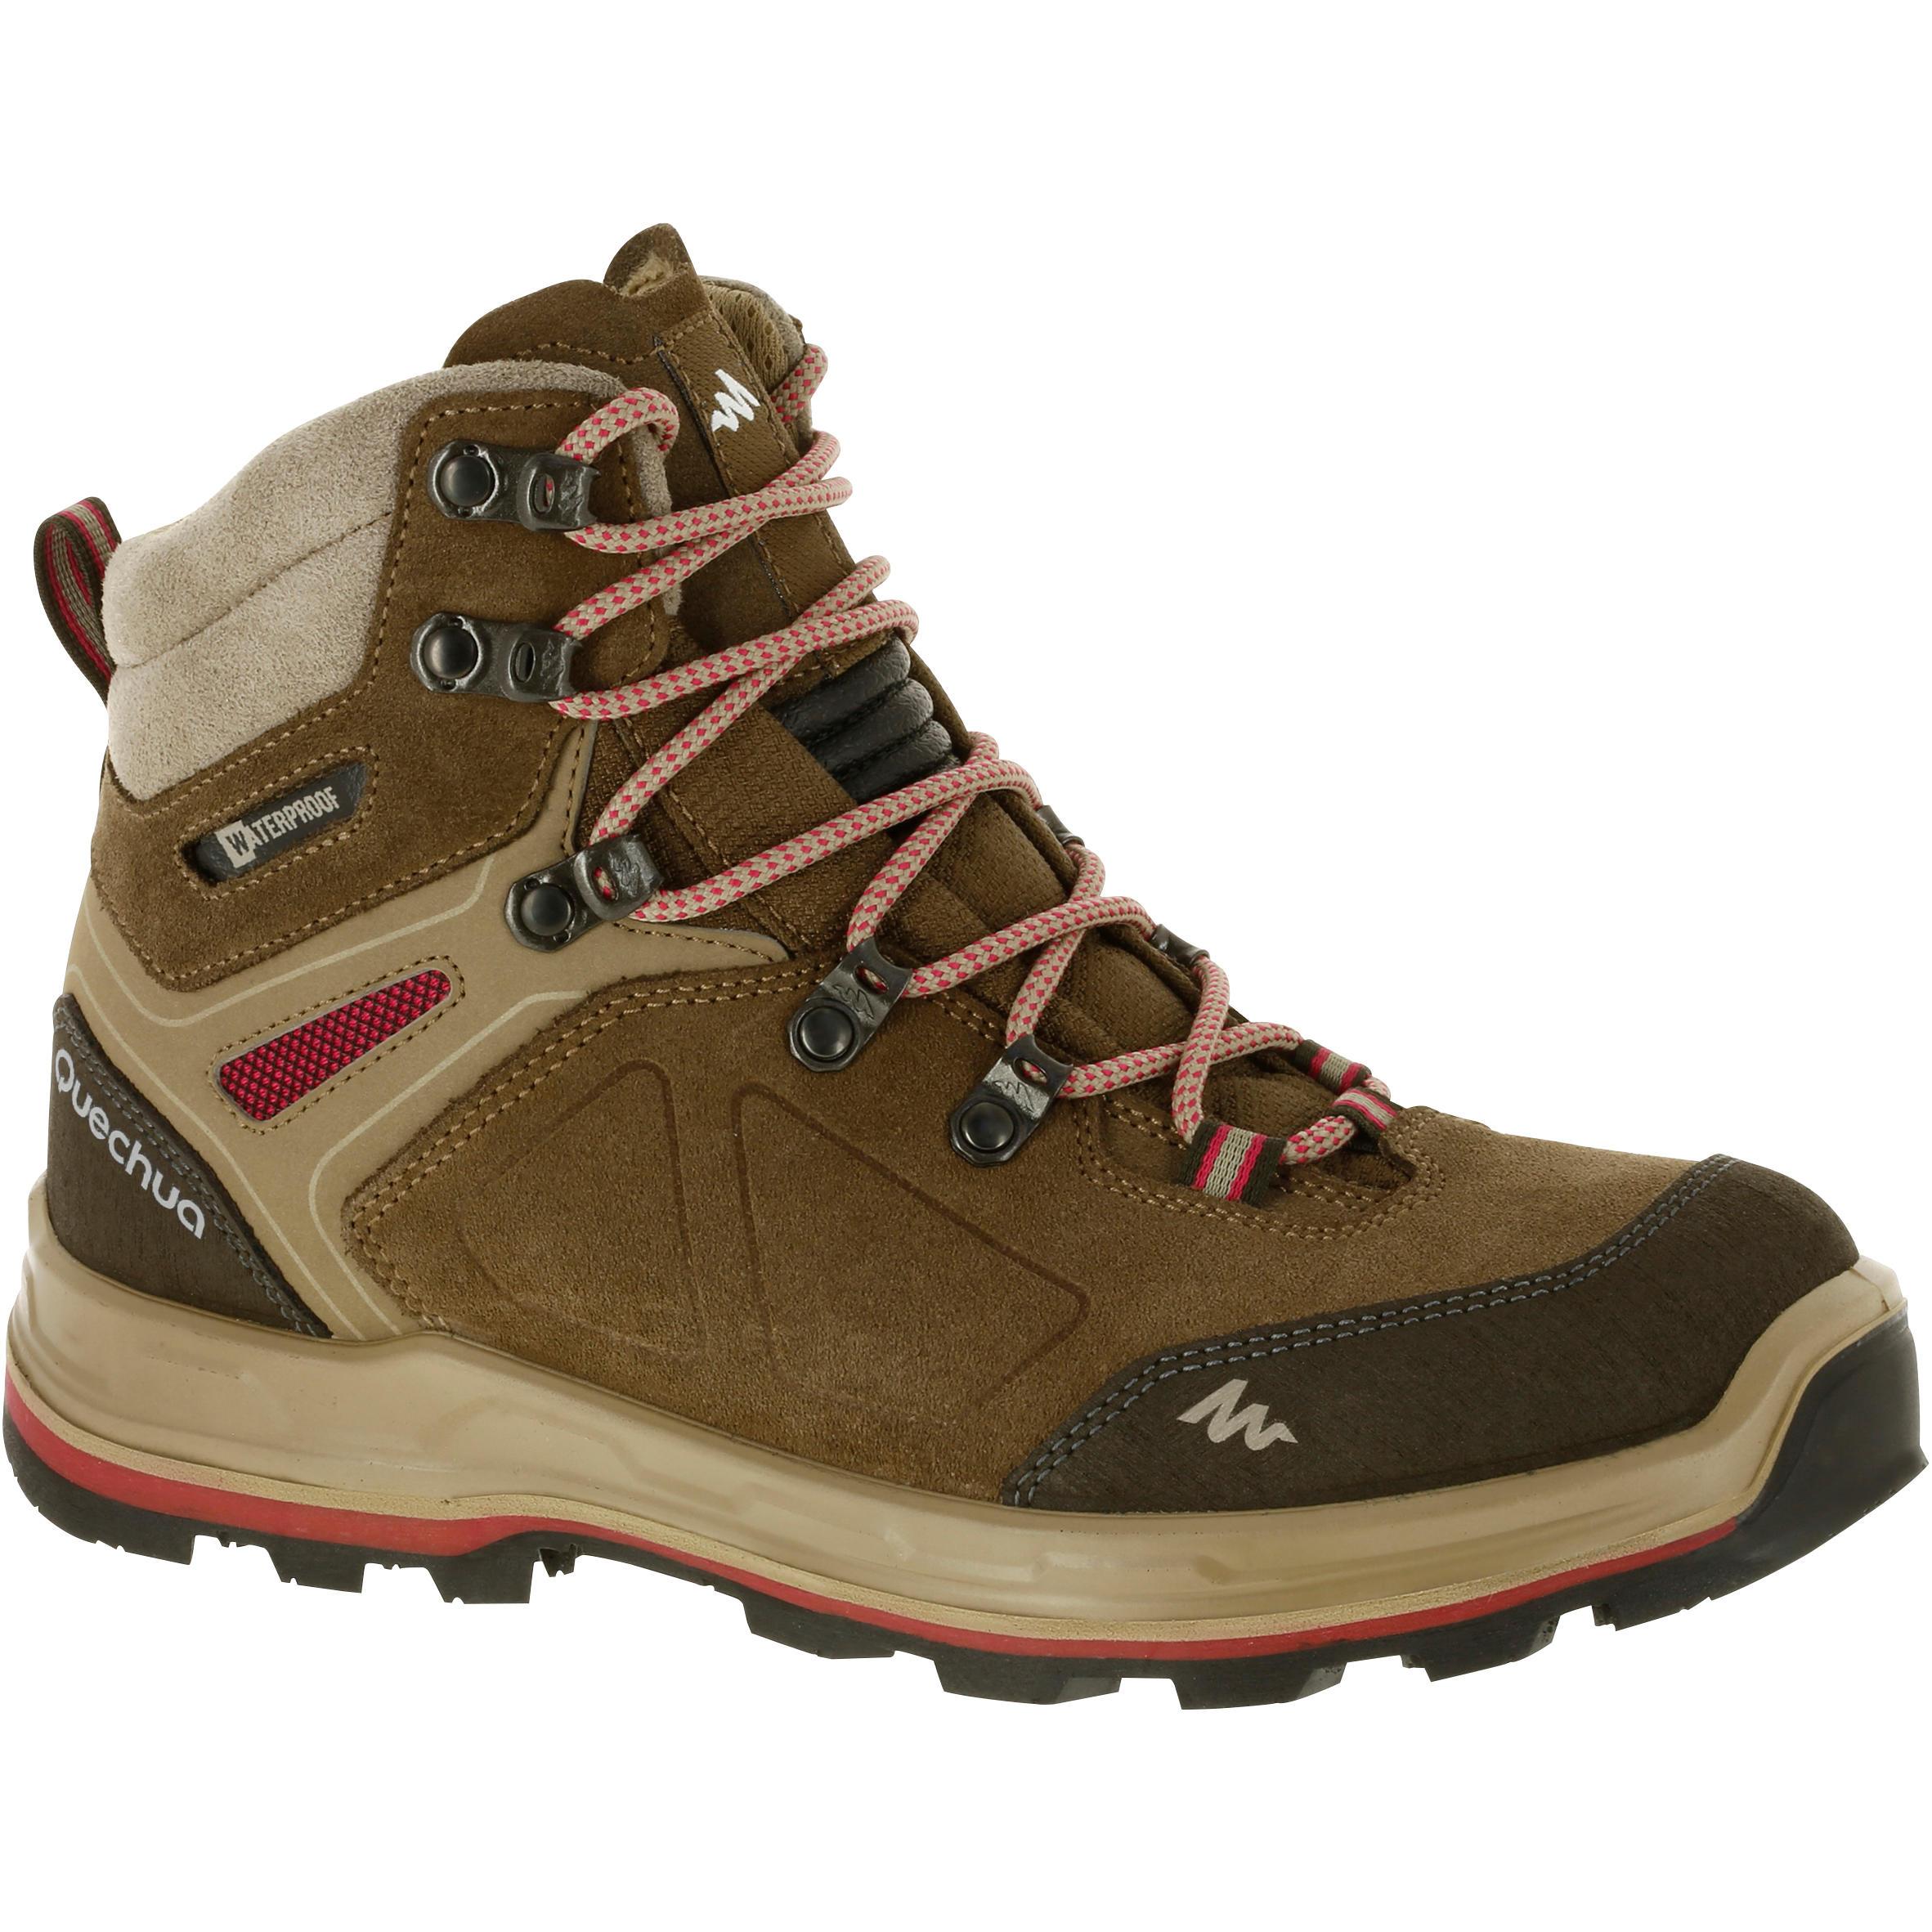 311f65d4dcd Trekking Shoes